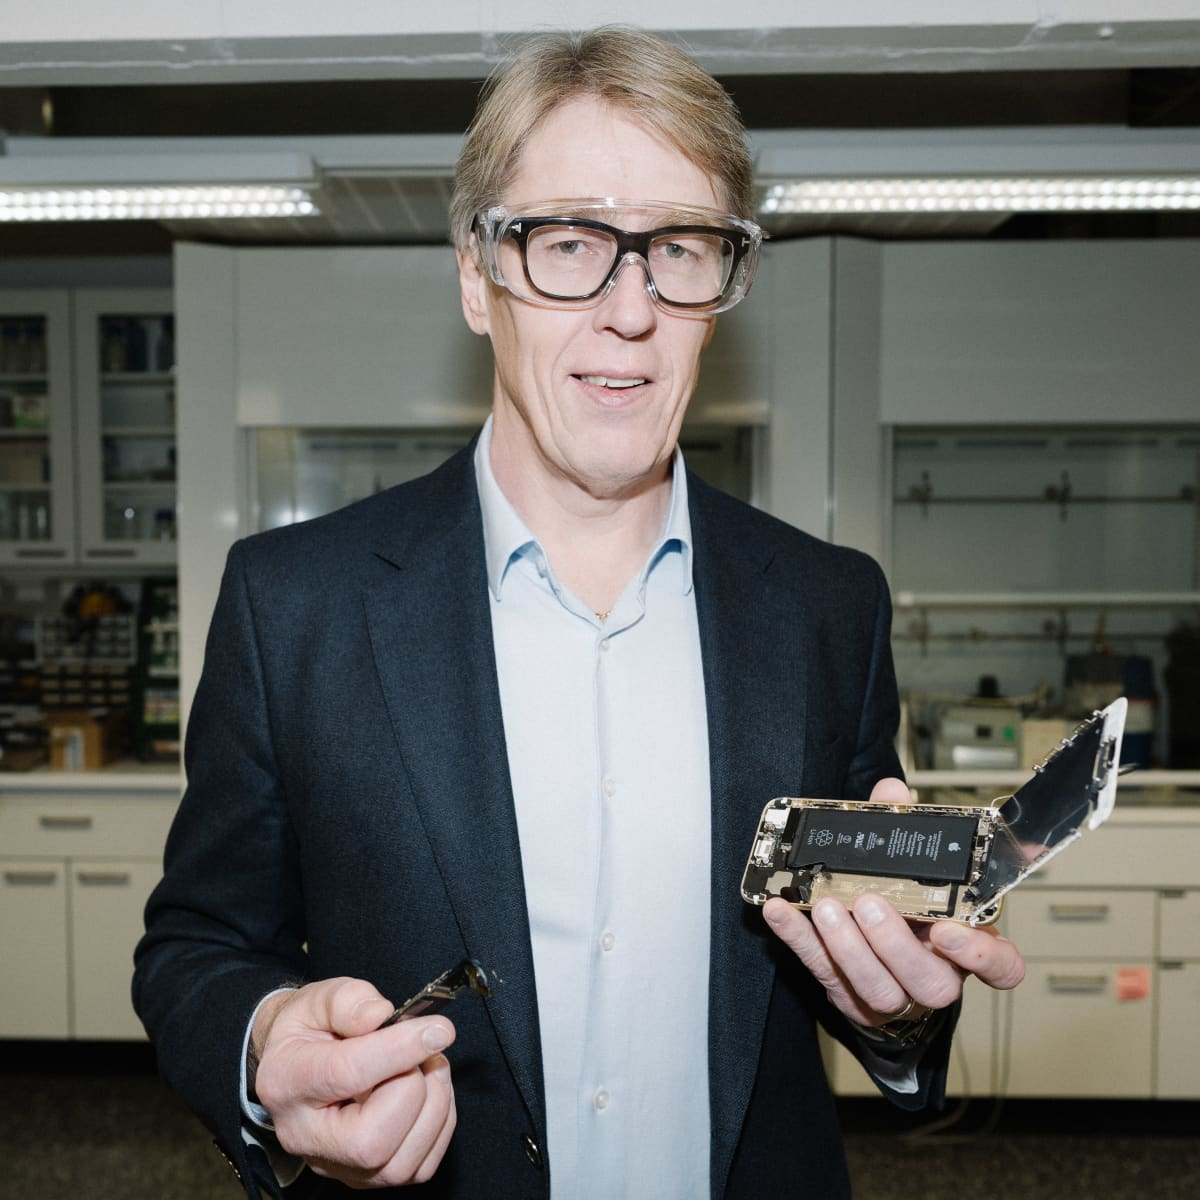 Professori Ari Jokilaakso pitää kädessään avattua älypuhelinta.